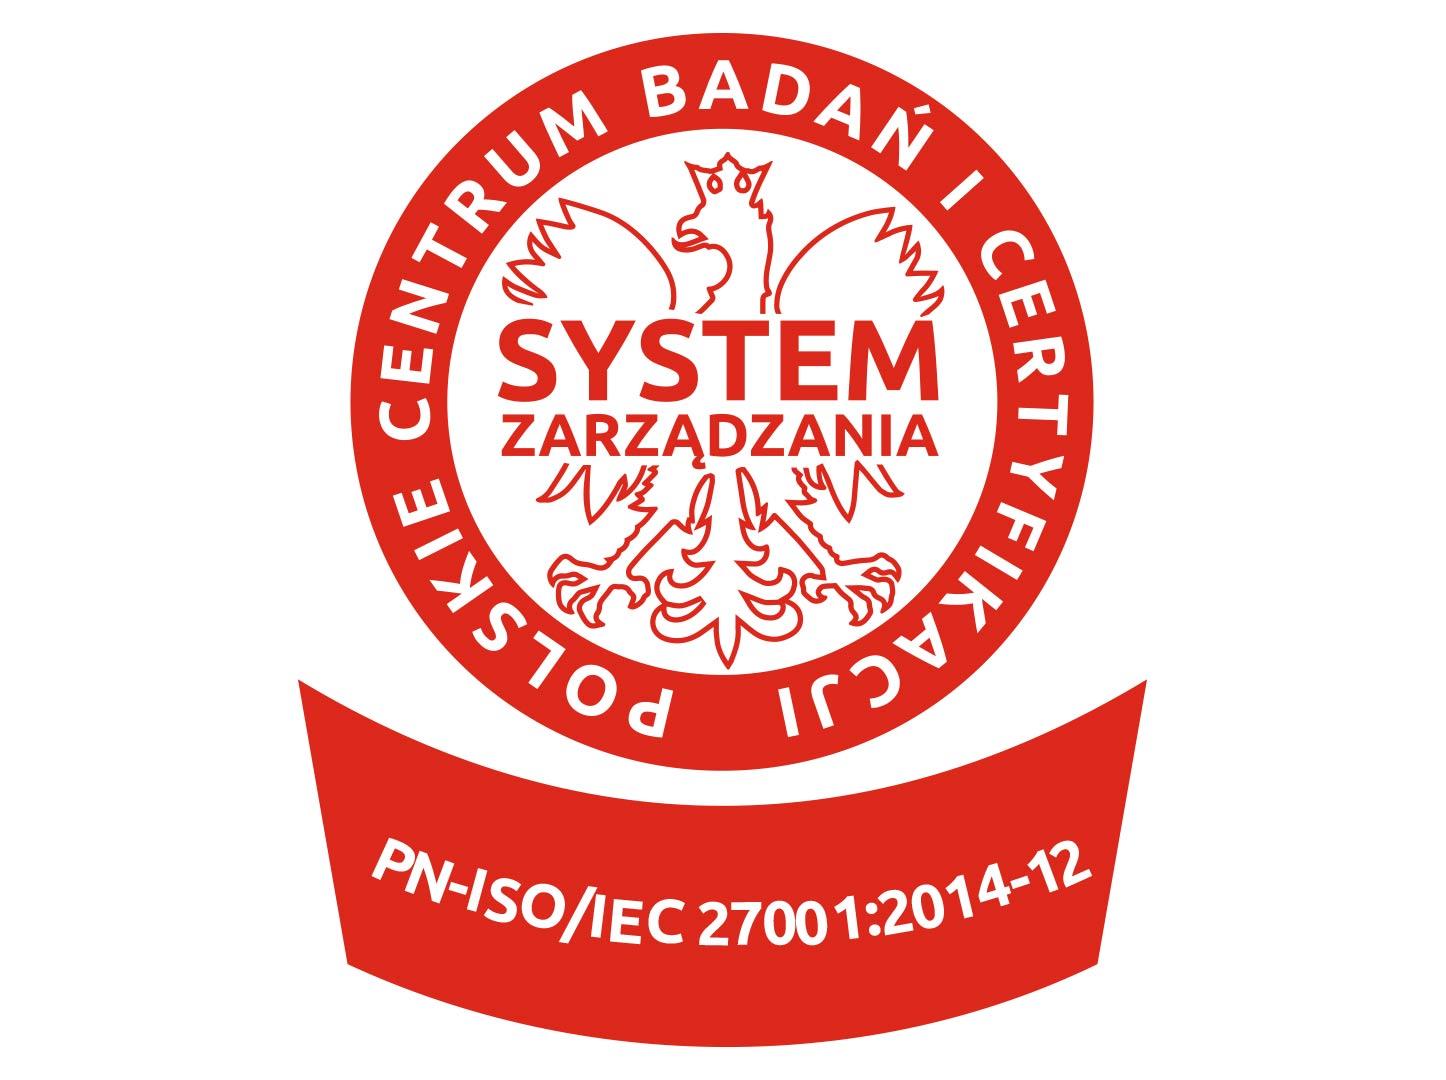 polskie_centrum_badan_i_certyfikacji2